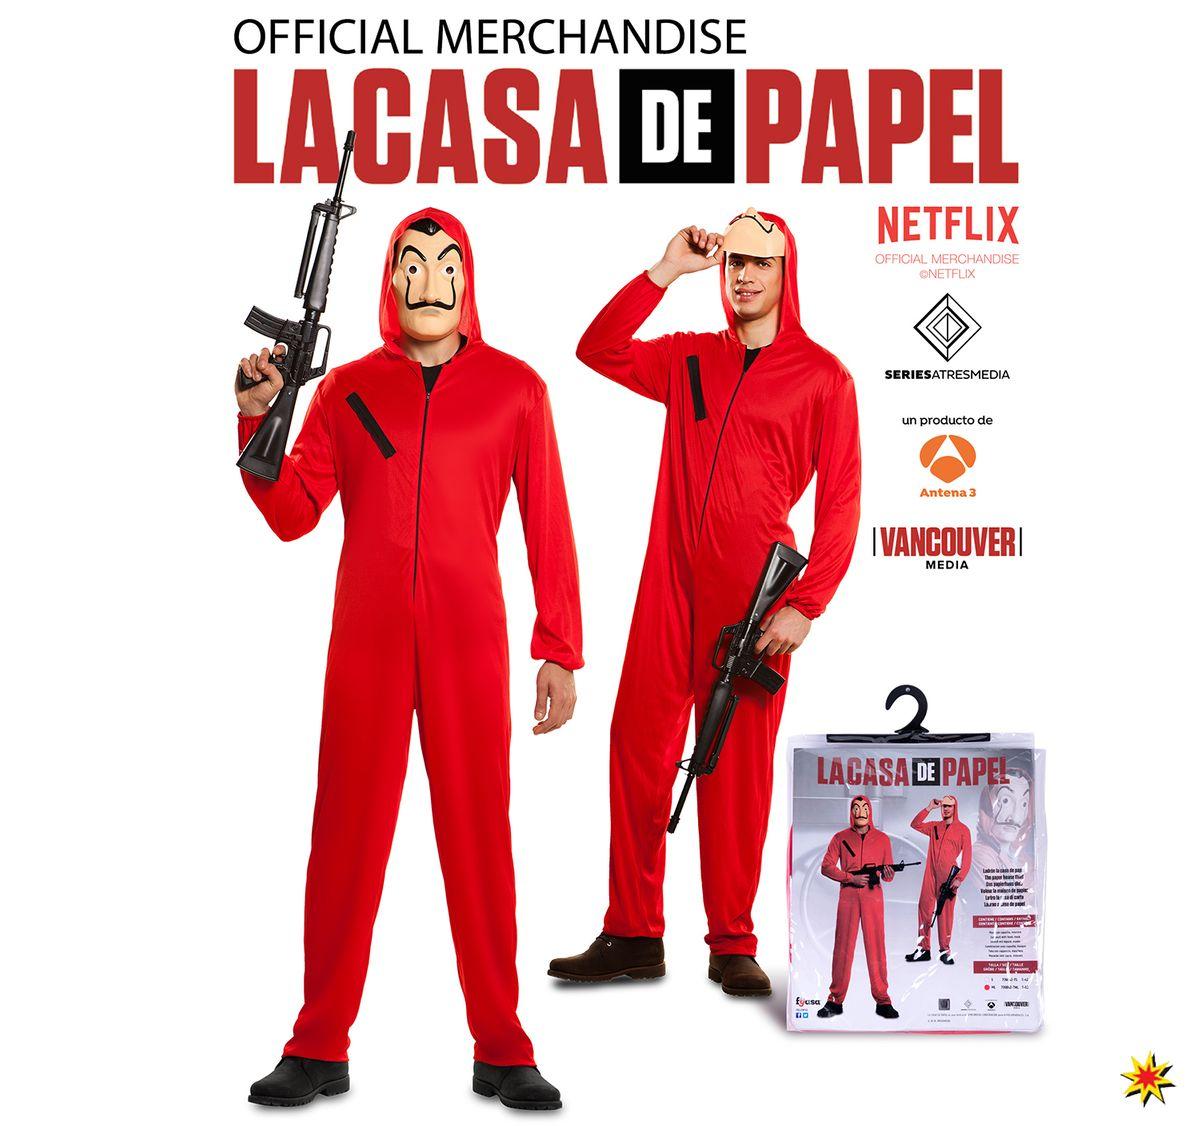 Herren Kostüm Phantom Haus des Geldes Gelddieb inkl. Maschinengewehr La Casa de Papel Fasching Karneval Mottoparty Gruppenkostüm